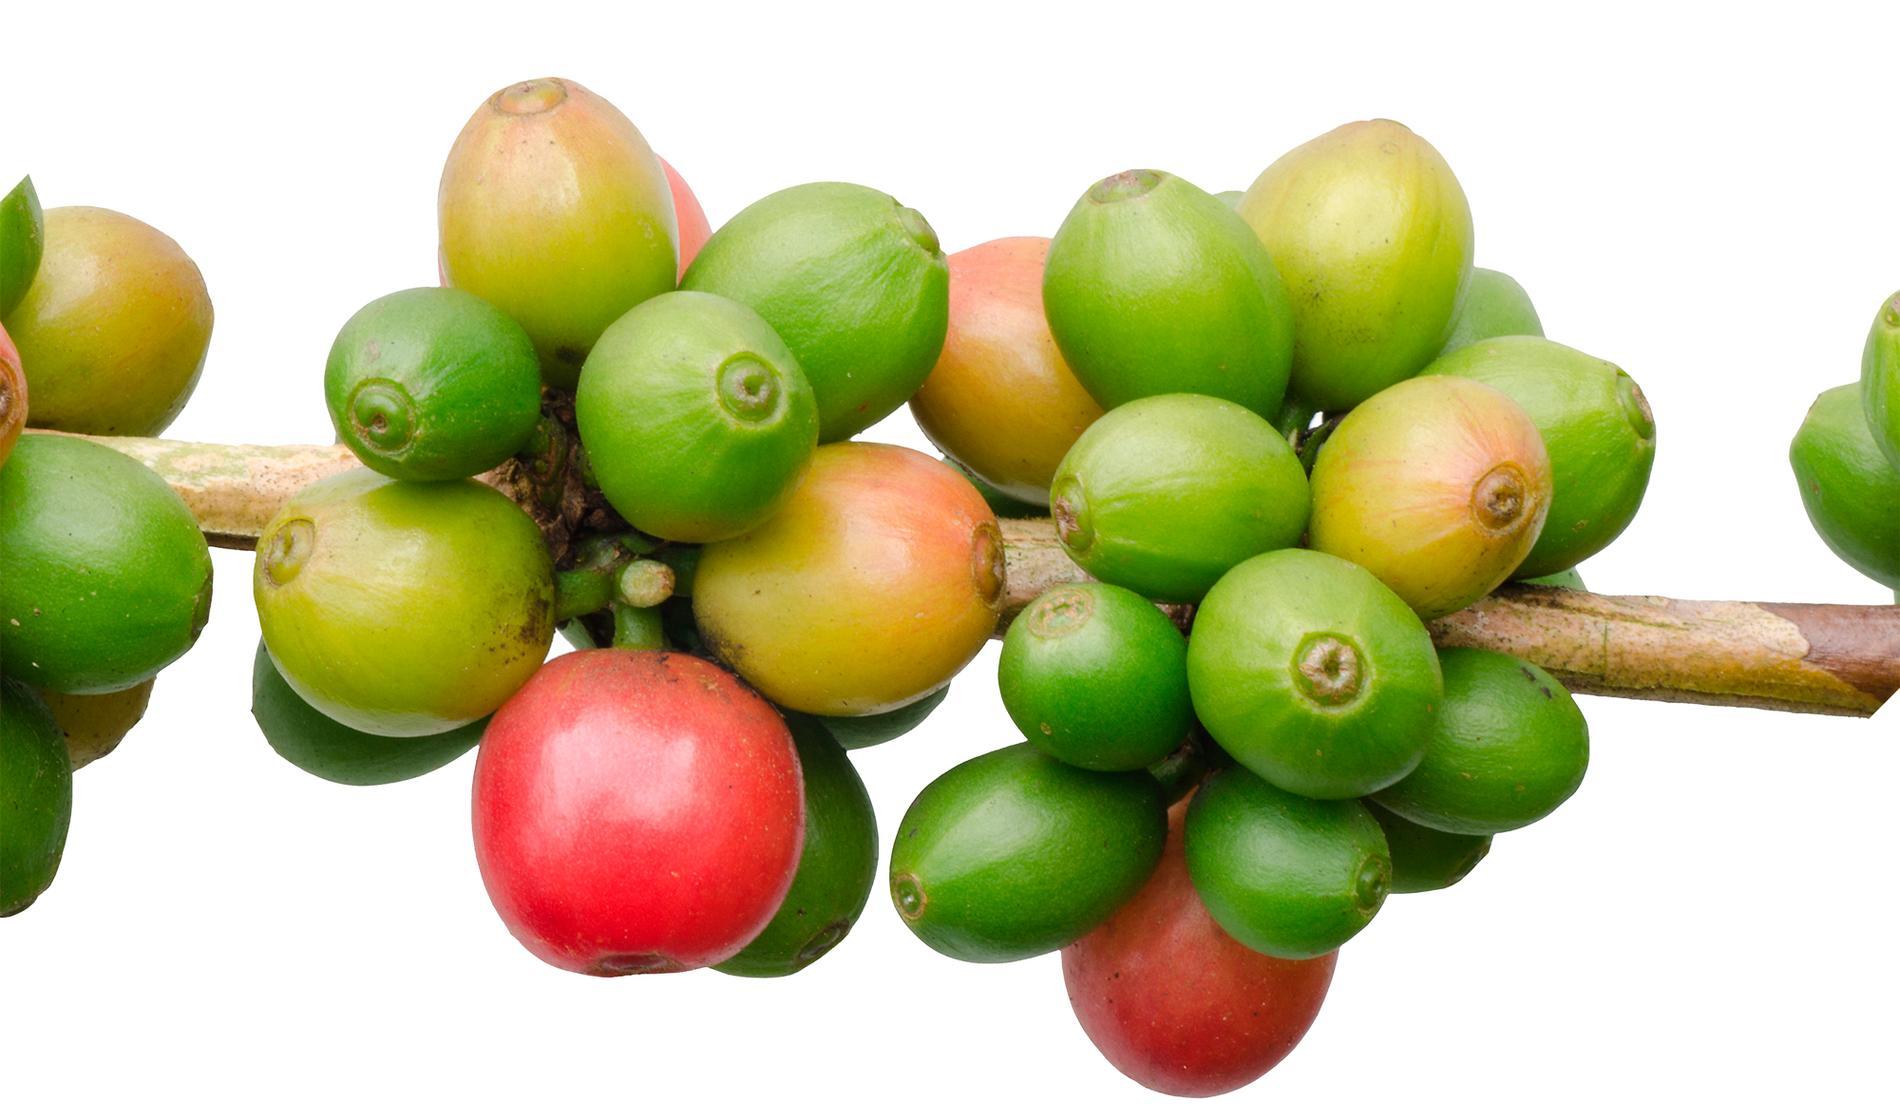 Fenoliska antioxidanter finns i olika former, och hittas bland annat i grönt te, fullkornsprodukter, citrusfrukter, gröna bladväxter, hallon, björnbär, blåbär, granatäpple och jordgubbar.